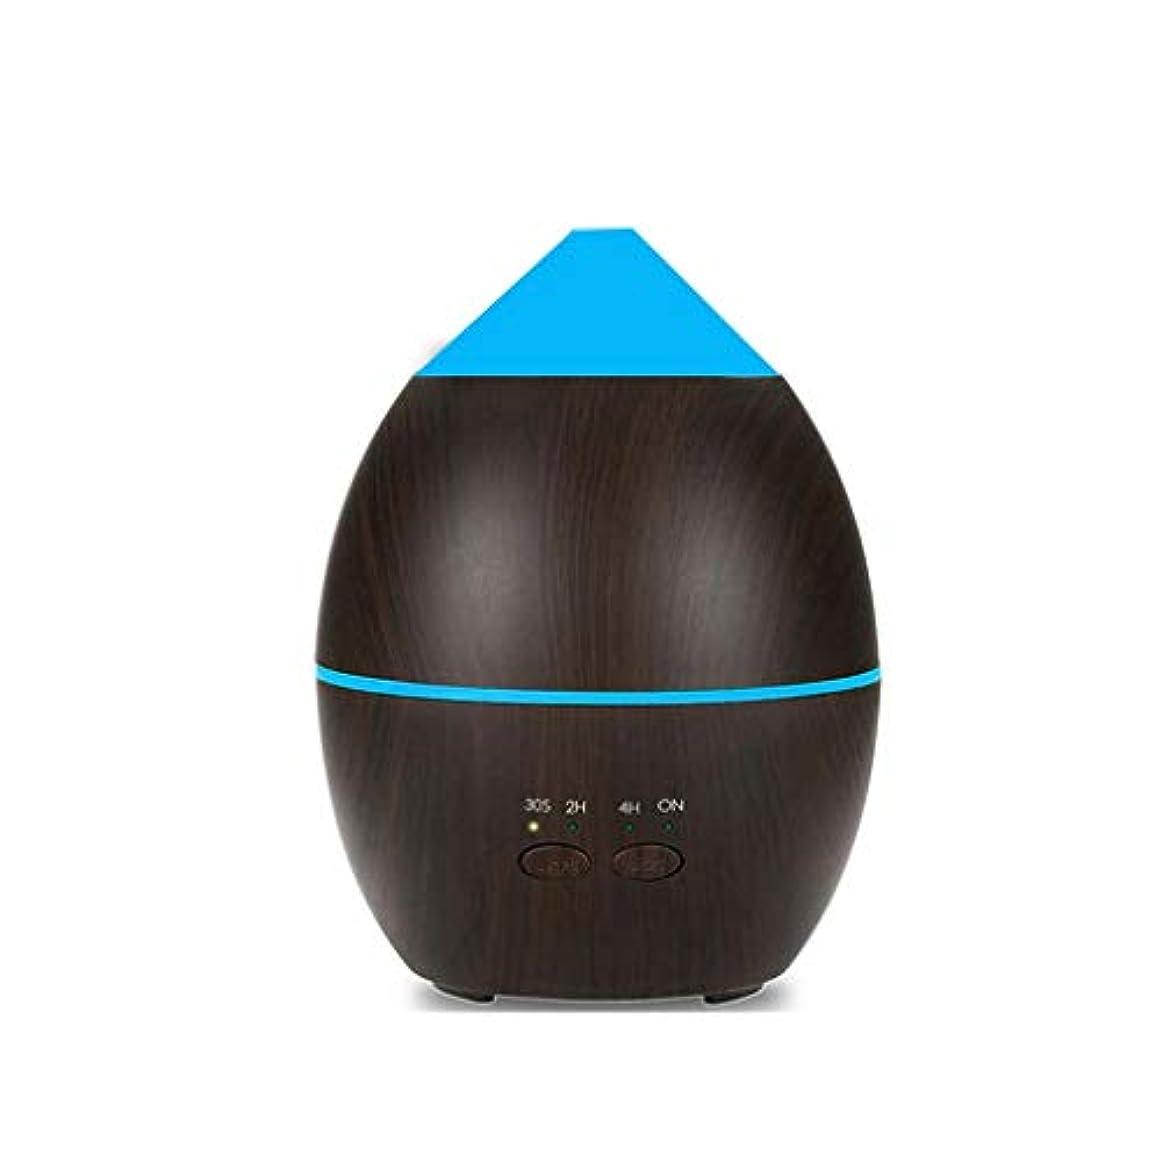 回復するできないアイロニー加湿器水滴モデル300ミリリットル加湿器リモコンusb 300ミリリットル、木目 (Color : Brown)